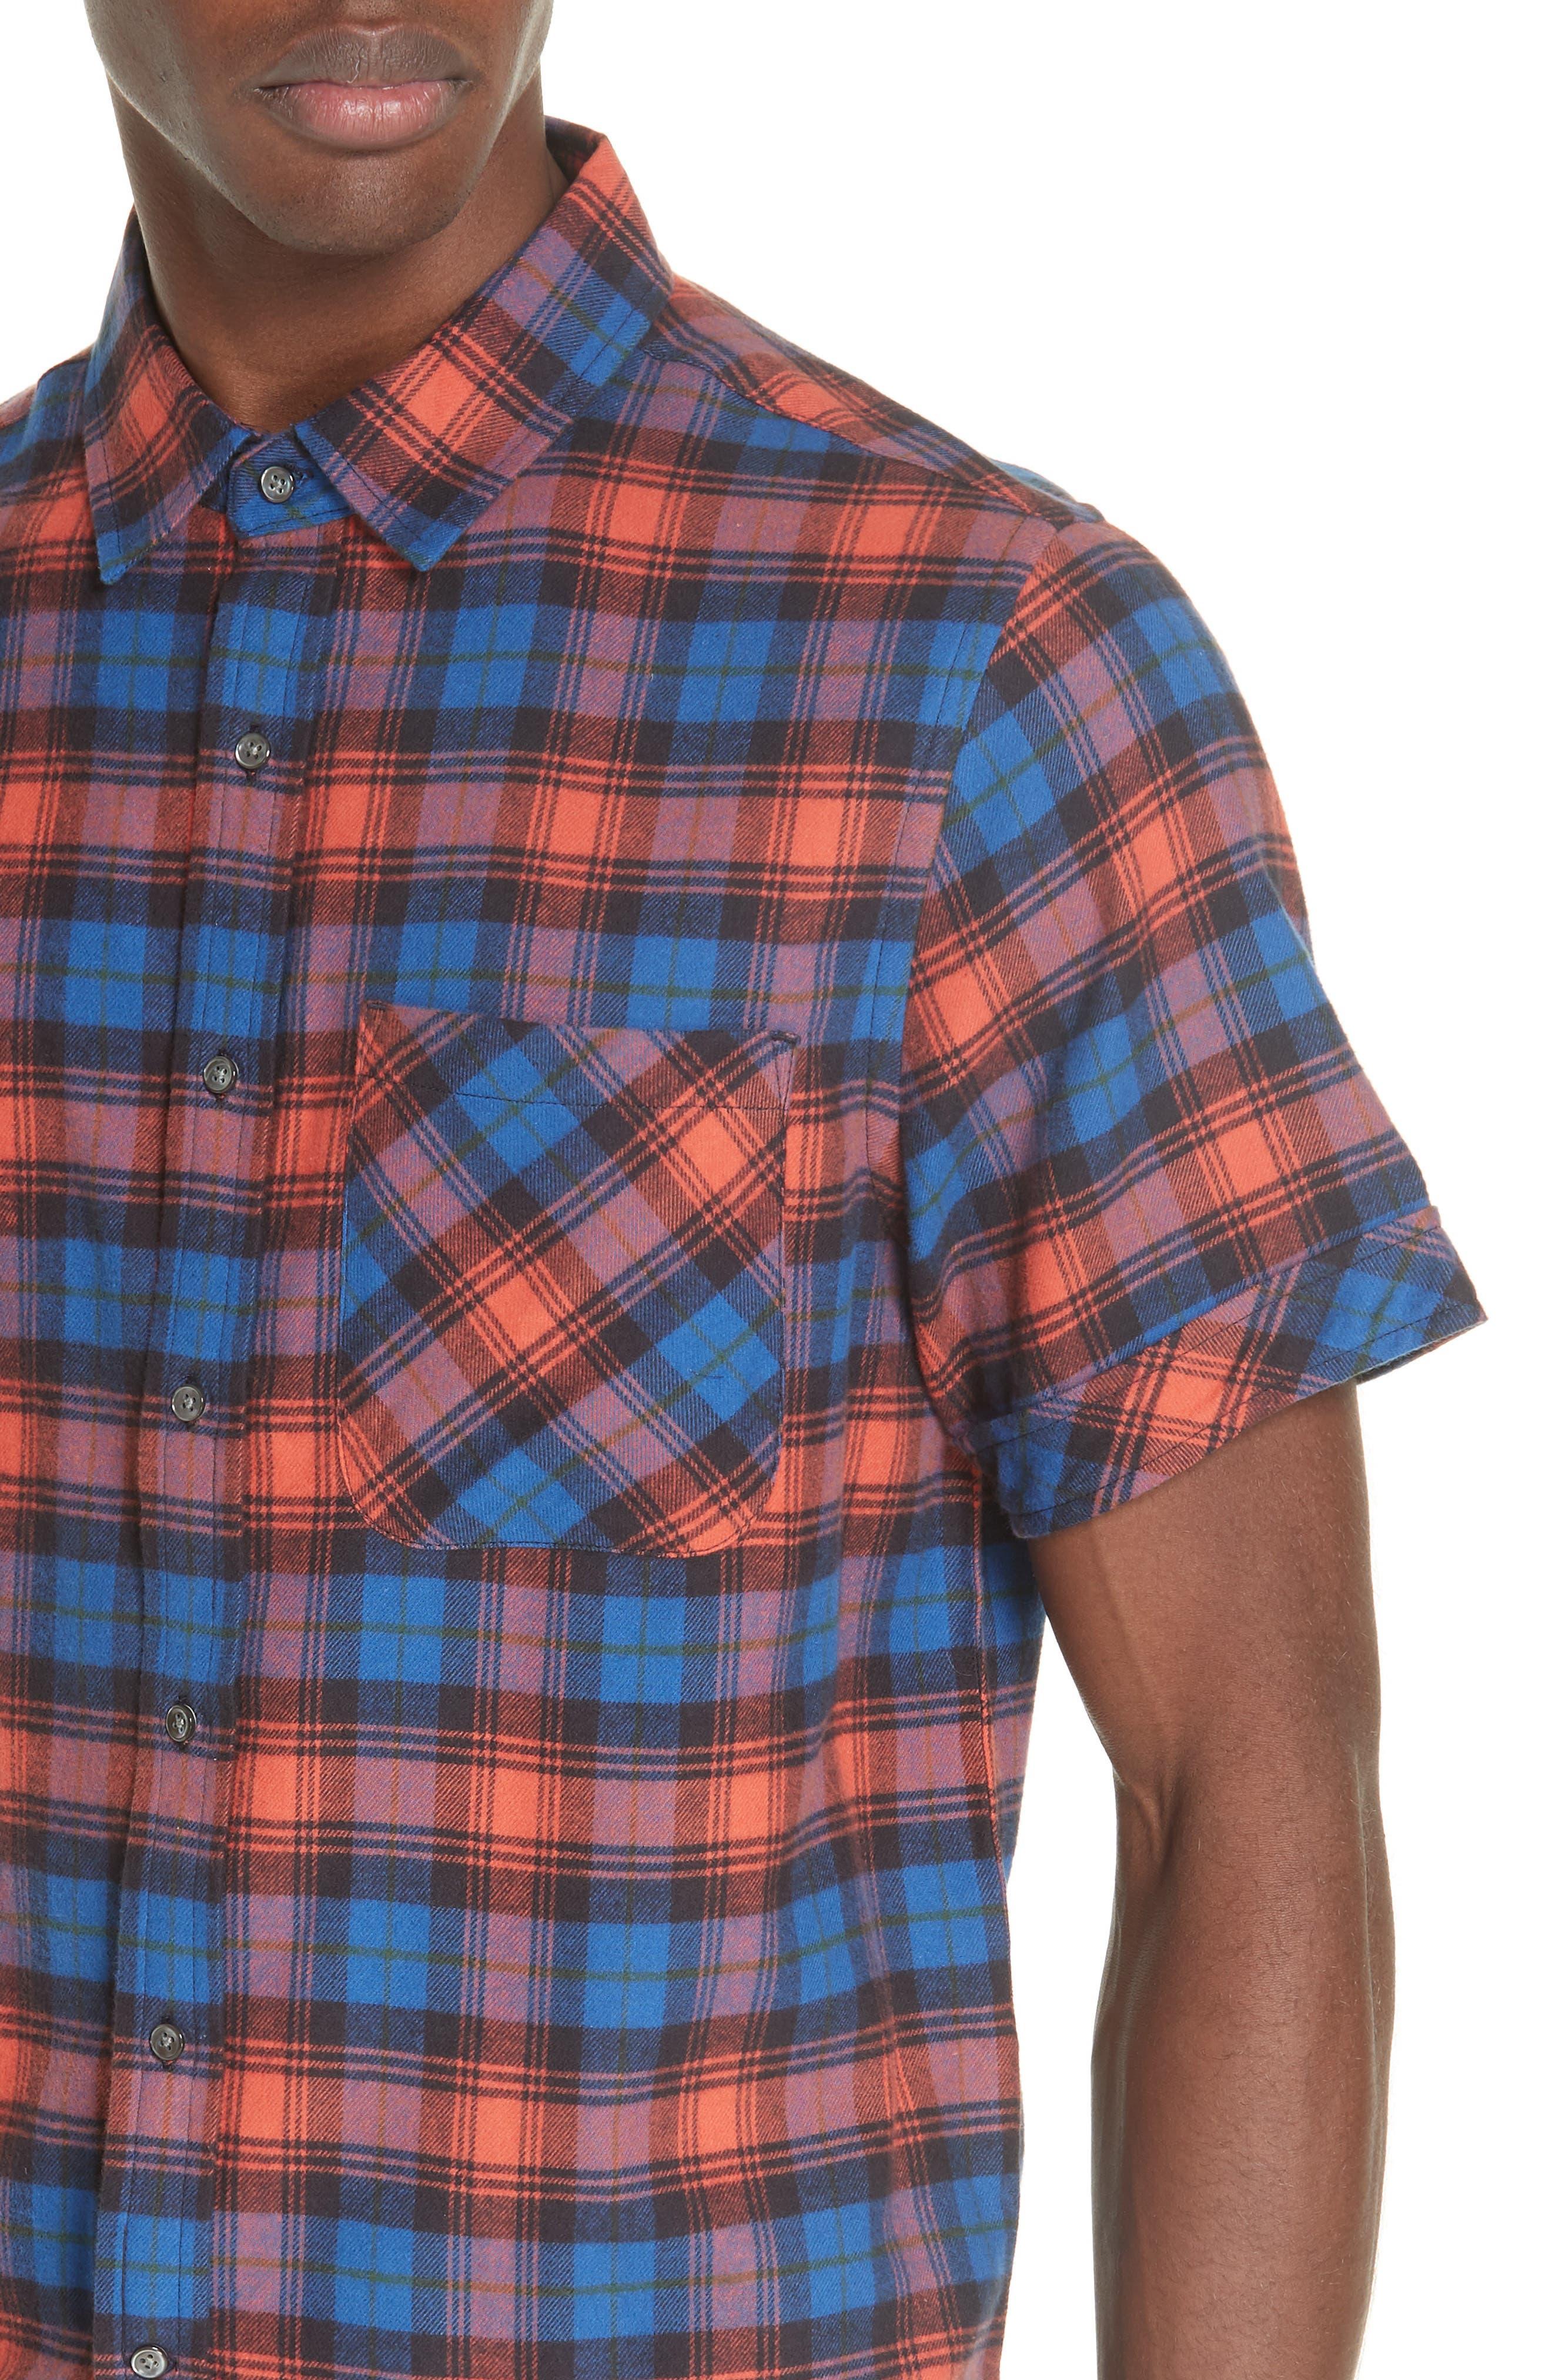 Plaid Flannel Camp Shirt,                             Alternate thumbnail 4, color,                             BLUE PLAID